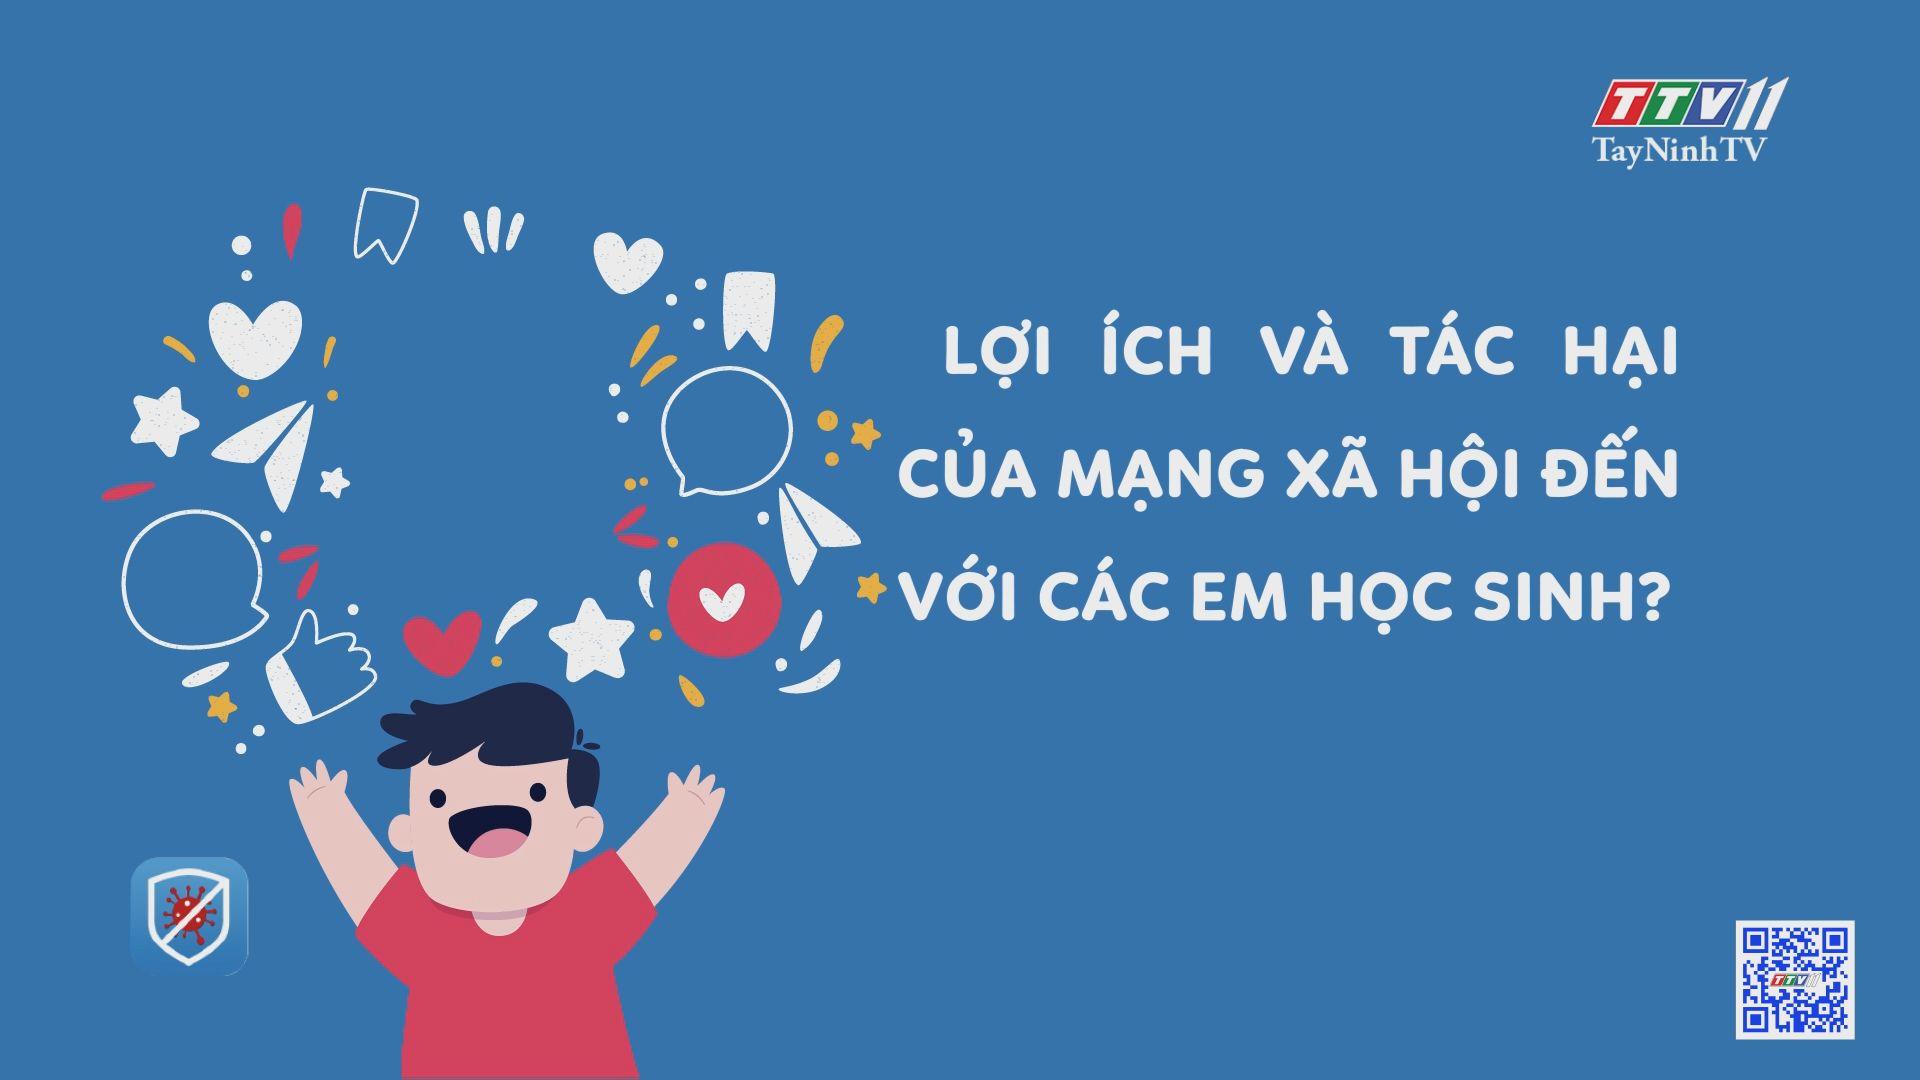 Lợi ích và tác hại của mạng xã hội đến với các em học sinh? | TRANG TUỔI THƠ | TayNinhTV